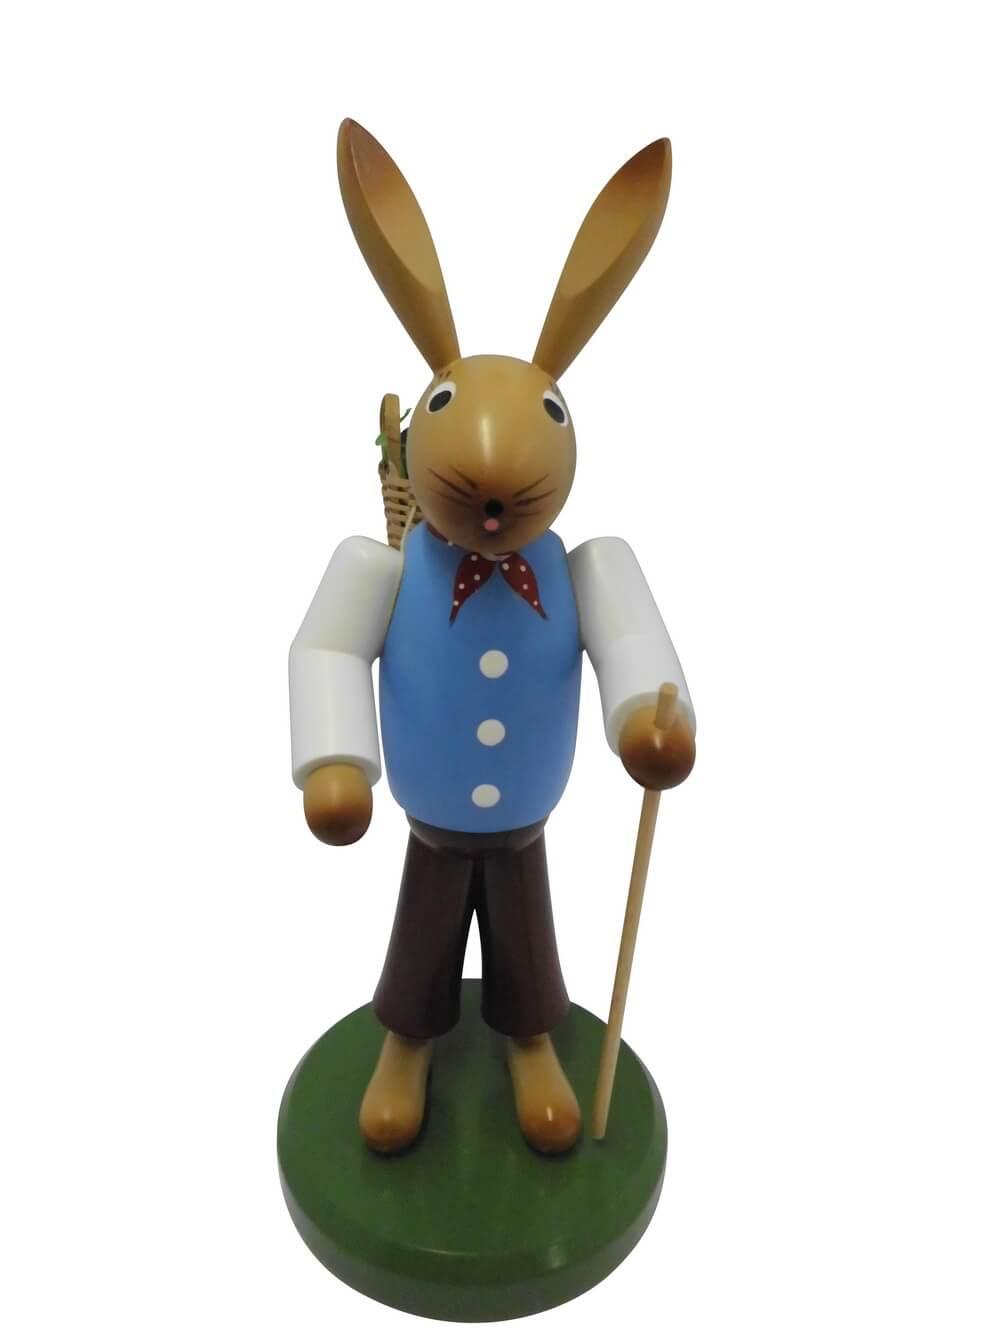 Osterhase mit Korb aus Buchenholz, handbemalt, Osterhase ausgerüstet mit einem Rückenkorb und Wanderstock, stehend auf einem grünen Sockel, 27 cm, …